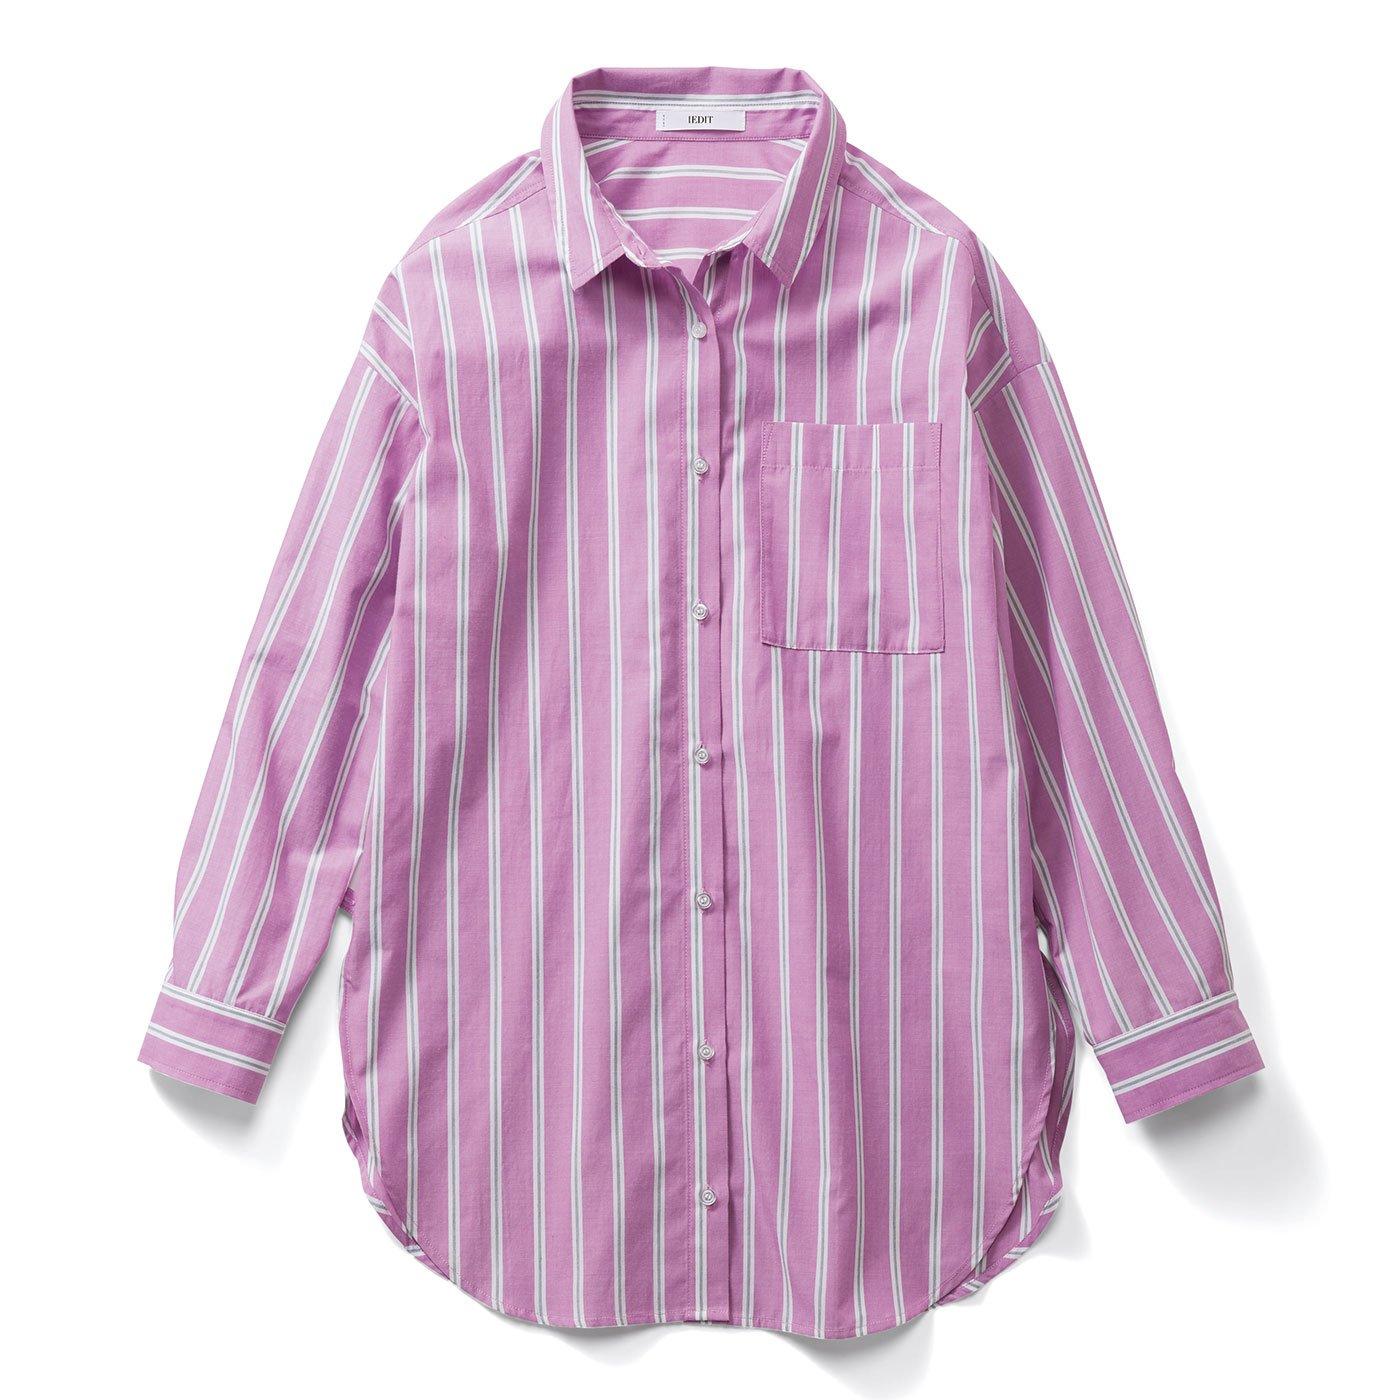 【3~10日でお届け】IEDIT[イディット] キレイ色で着映えする ソロテックス(R)混のストライプロングシャツ〈パープル〉